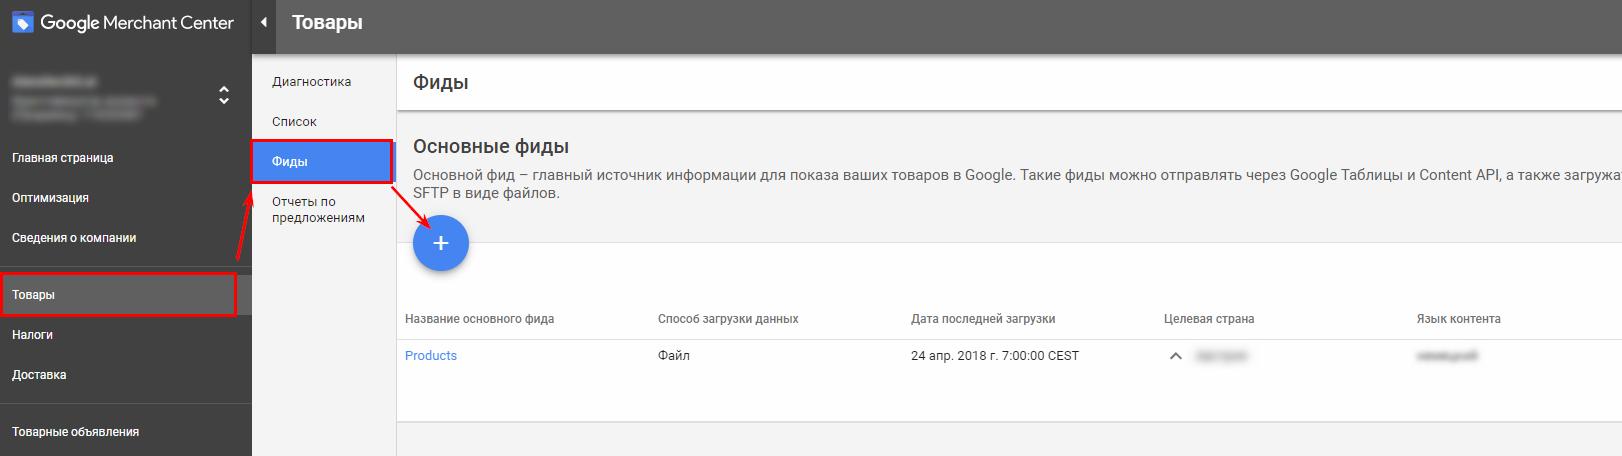 Настраиваем фид для Google Shopping краткая инструкция от Netpeak